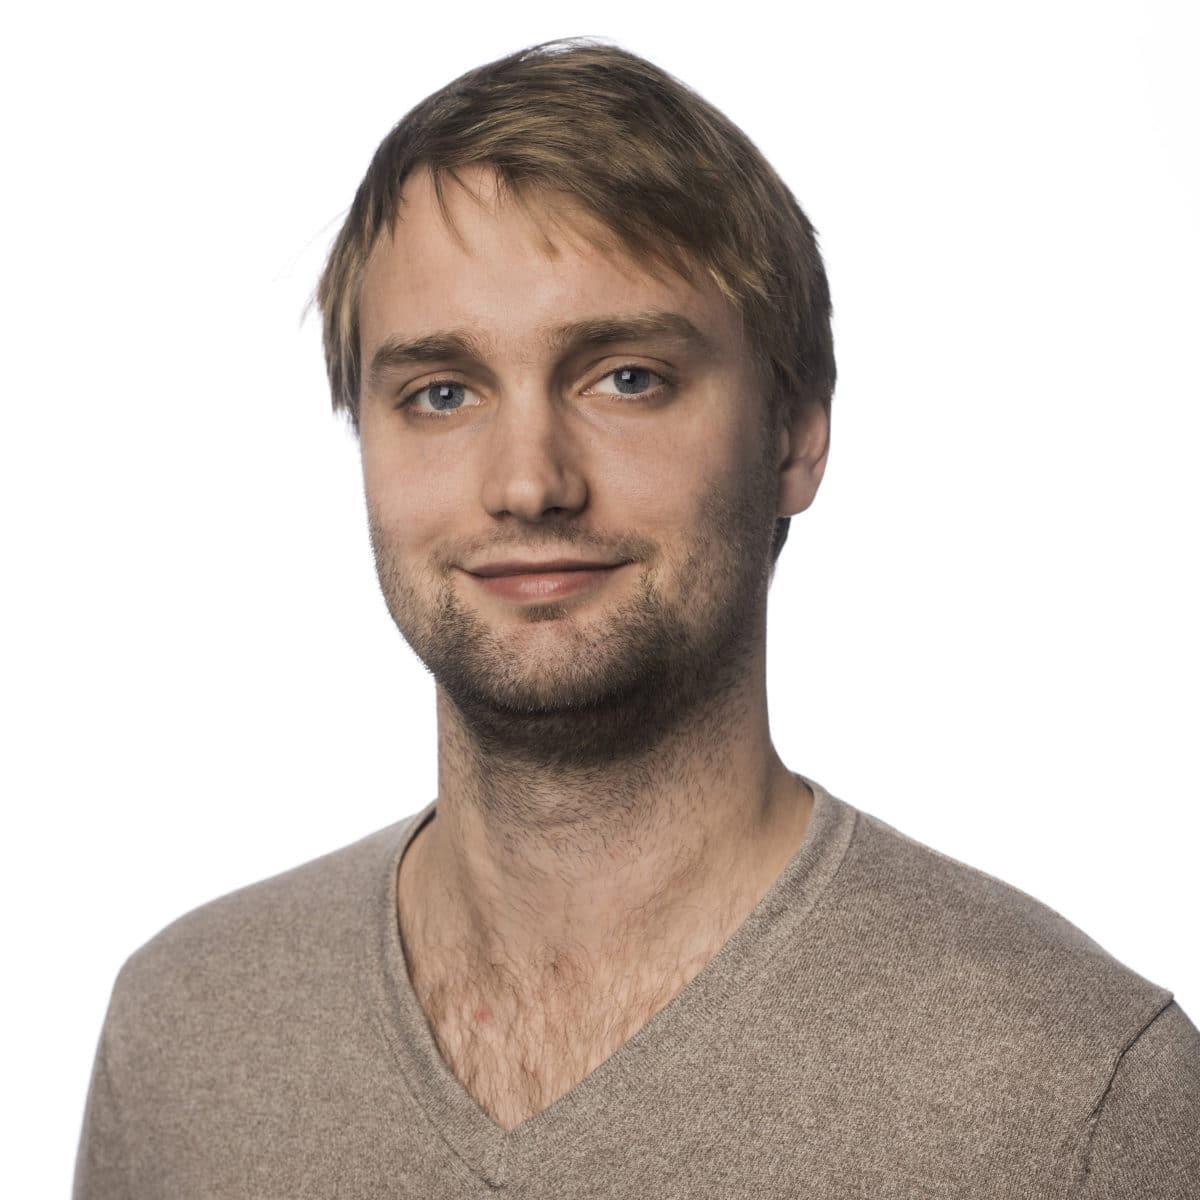 Rune Christensen, Founder & CEO of Maker